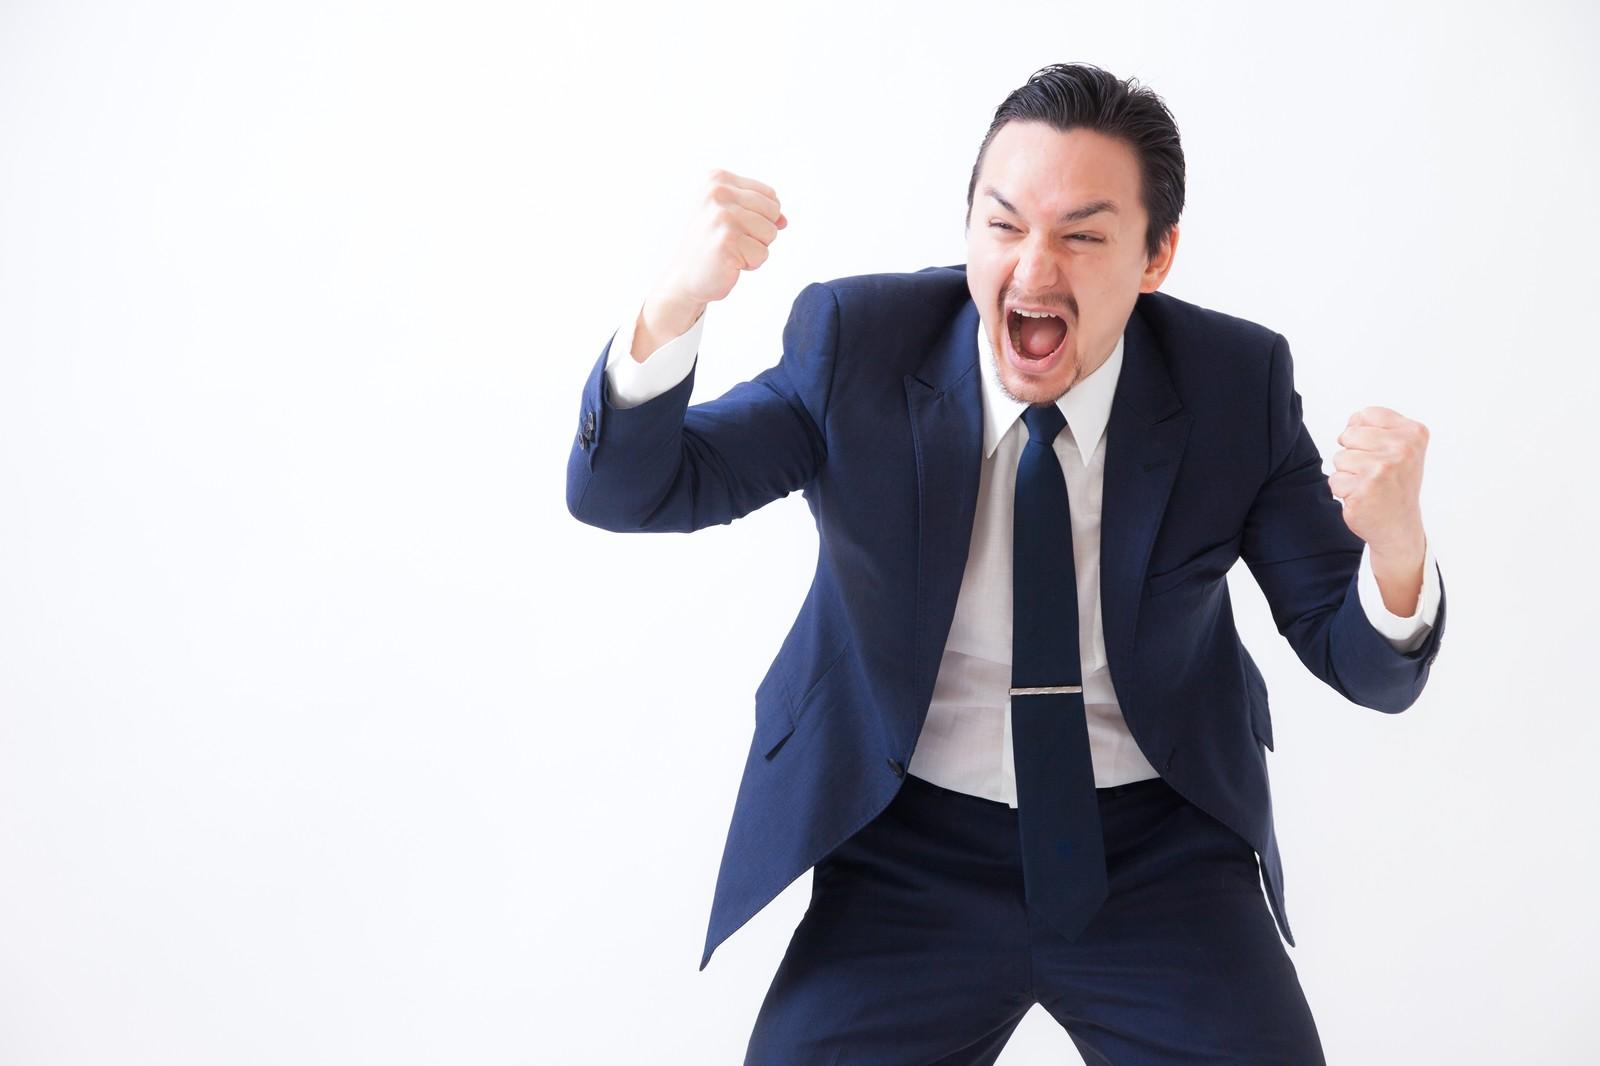 マジ職場で怒鳴る人が無理」――職場で声を荒げる人に拒絶反応示す人続々、モチベーションの低下を招くというデータも (2016年6月3日) -  エキサイトニュース